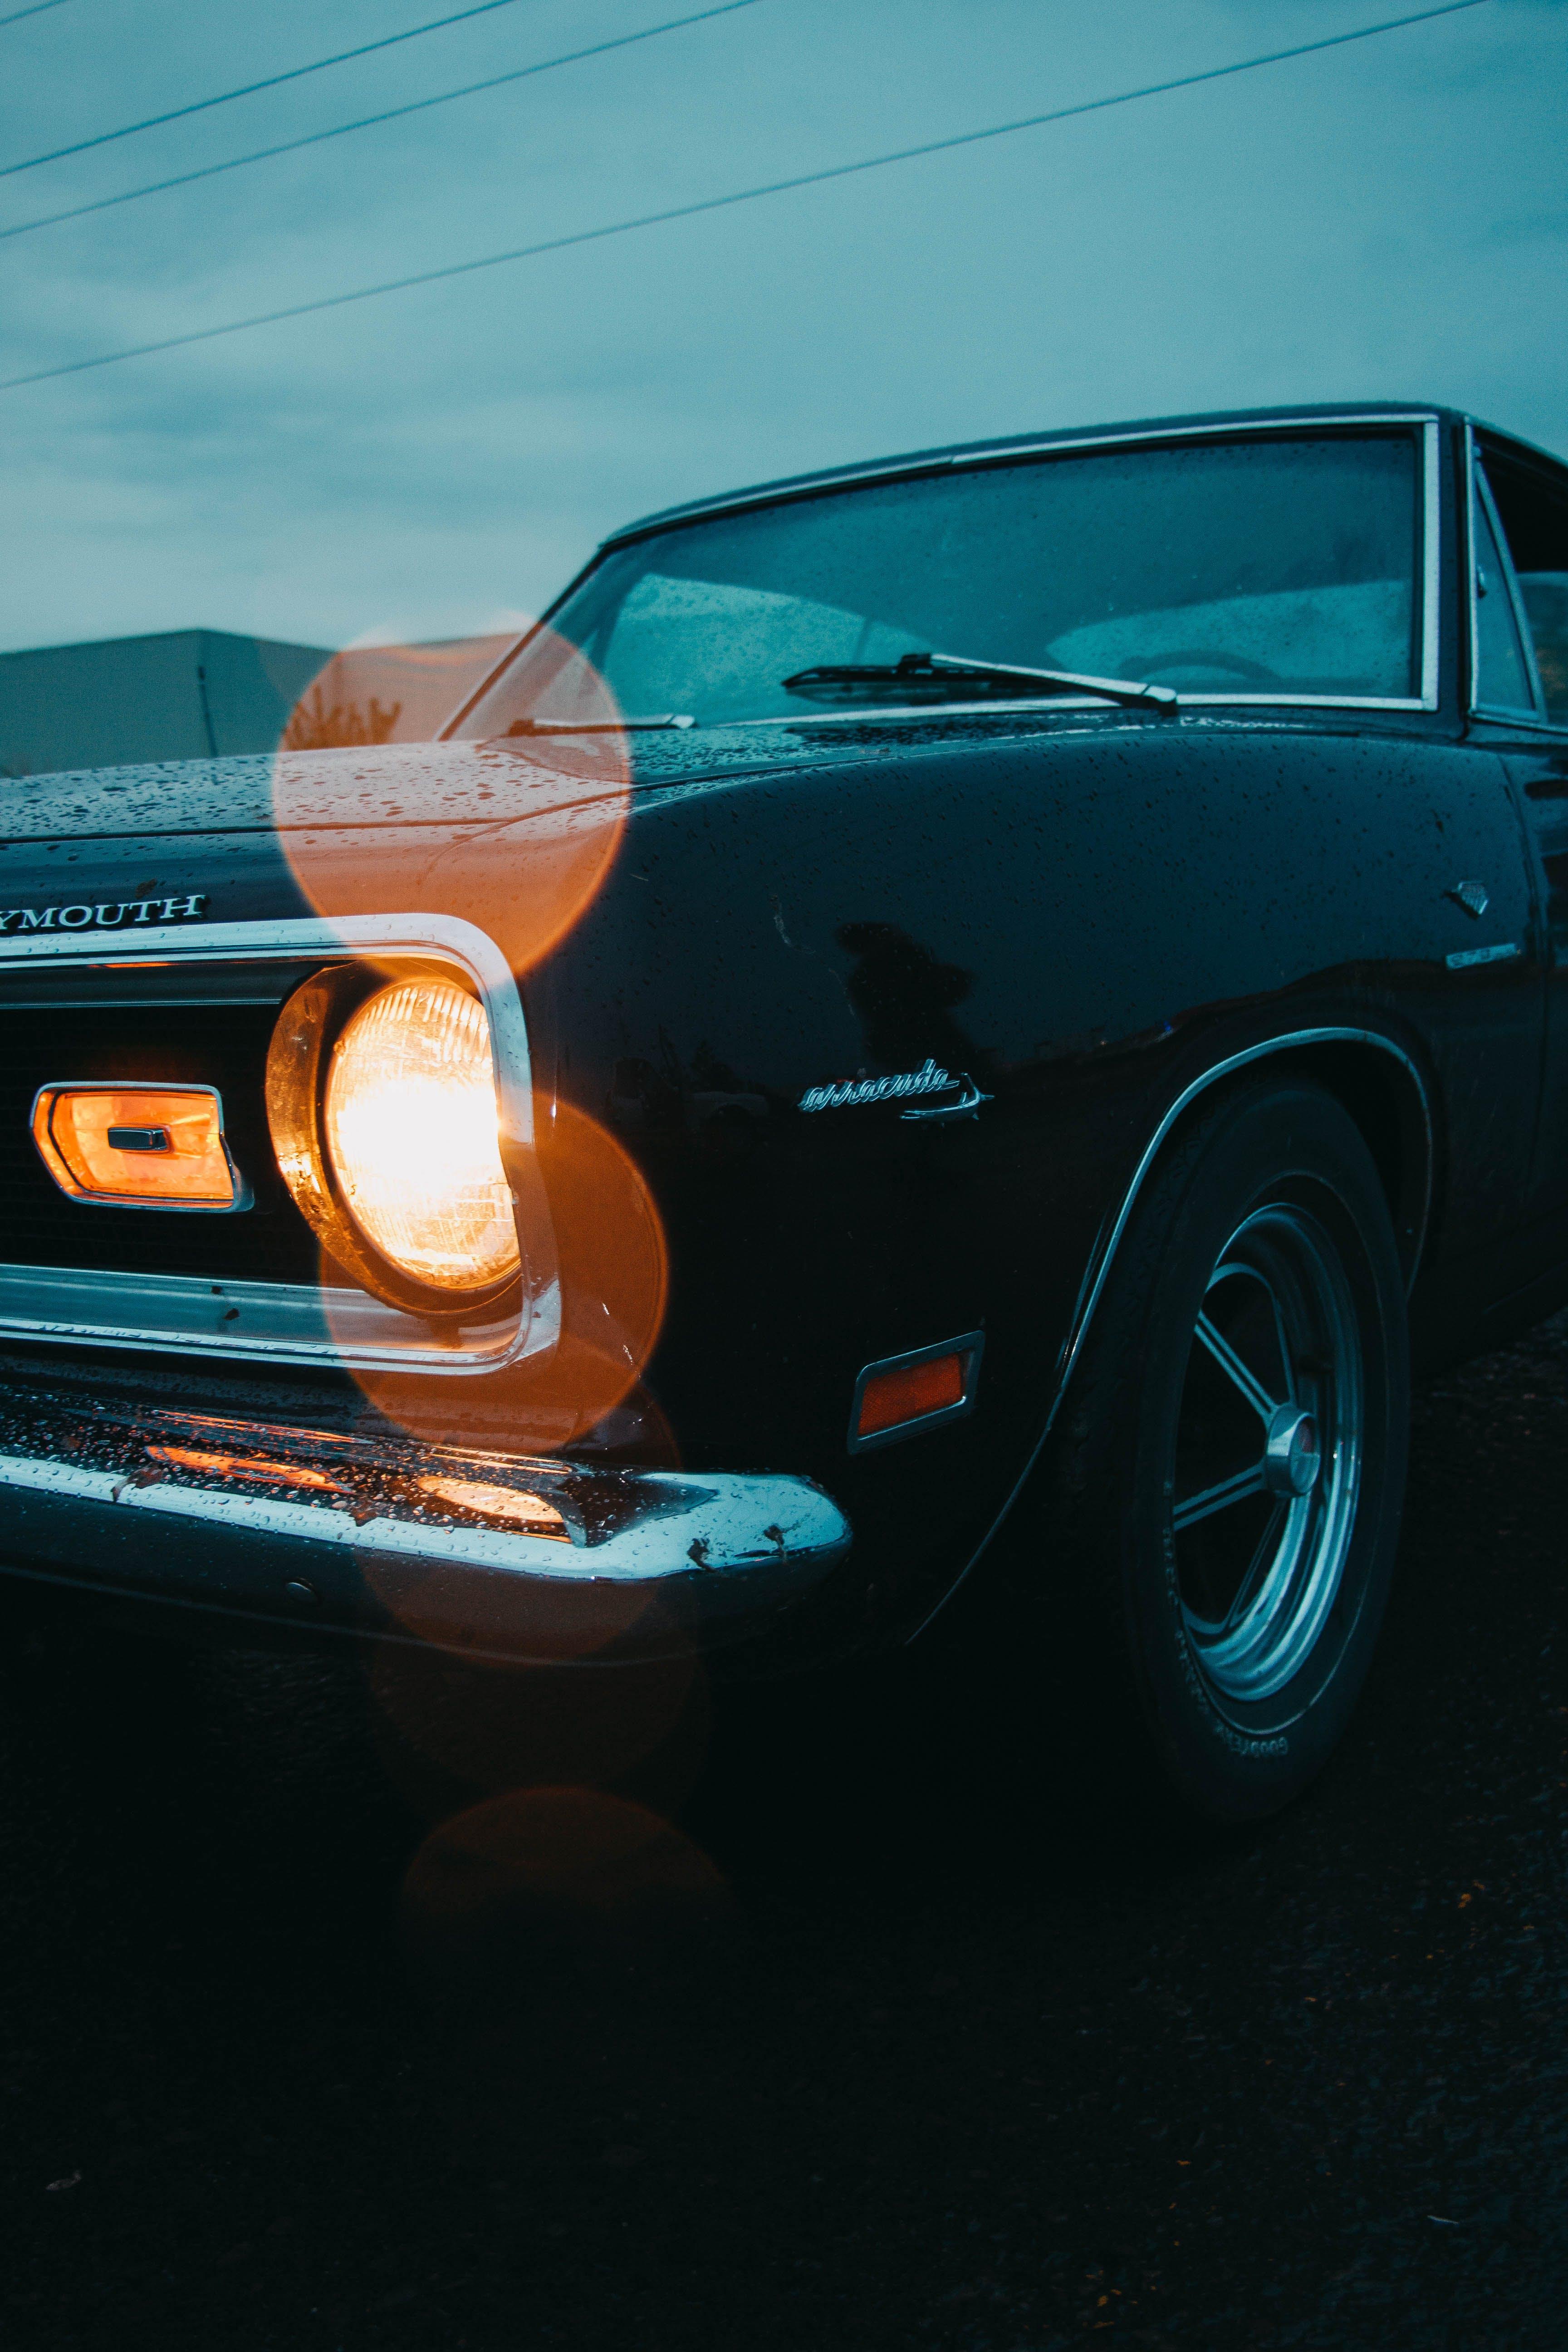 Kostenloses Stock Foto zu auto, auto model, autoscheinwerfer, gepflasterte straße